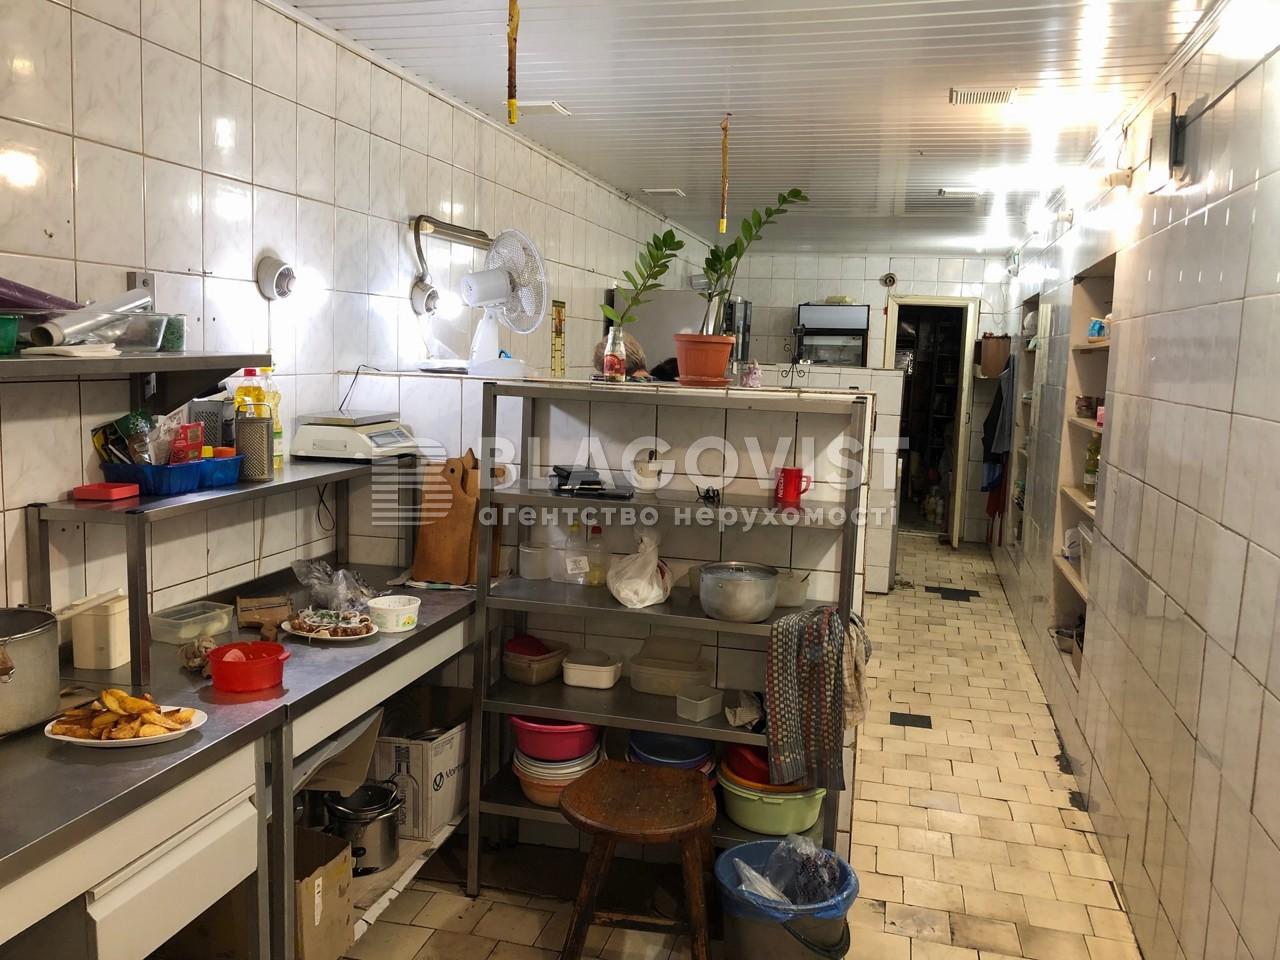 Ресторан, A-110289, Дегтярівська, Київ - Фото 14